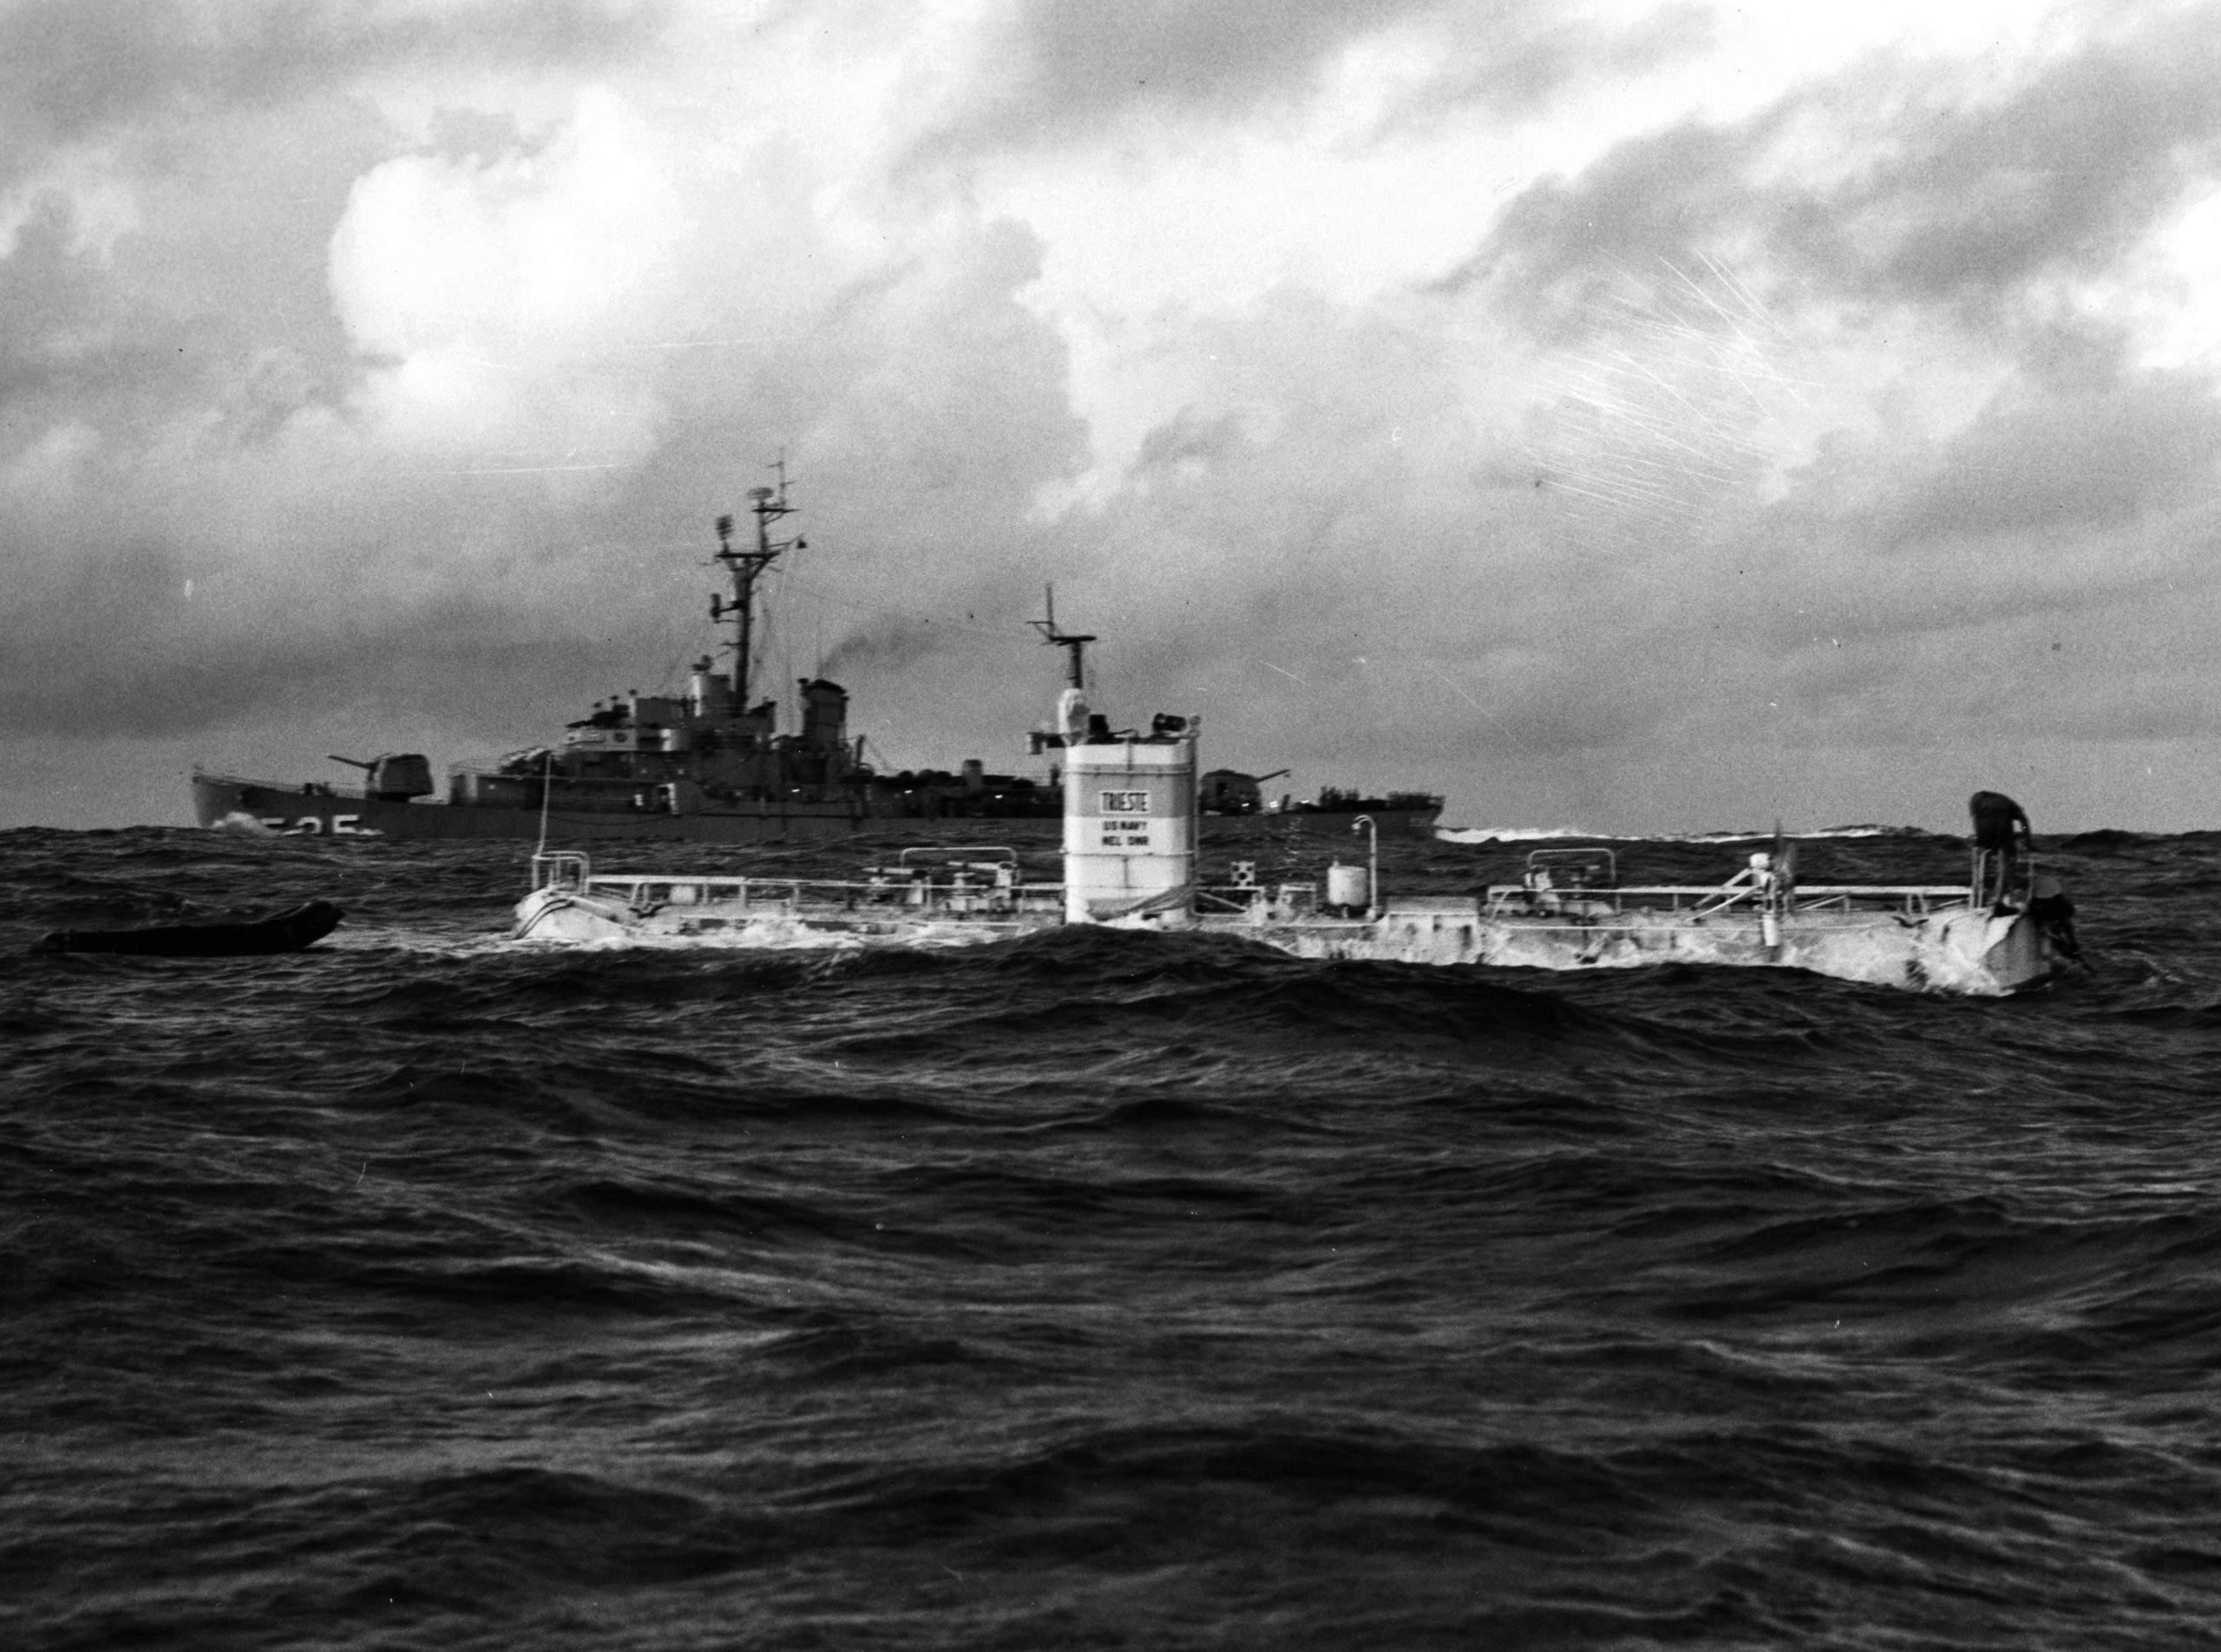 """Rolex an Bord: Das U-Boot """"Trieste"""" tauchte mit Deep-Sea-Uhr auf fast 11.000 Meter Tiefe."""